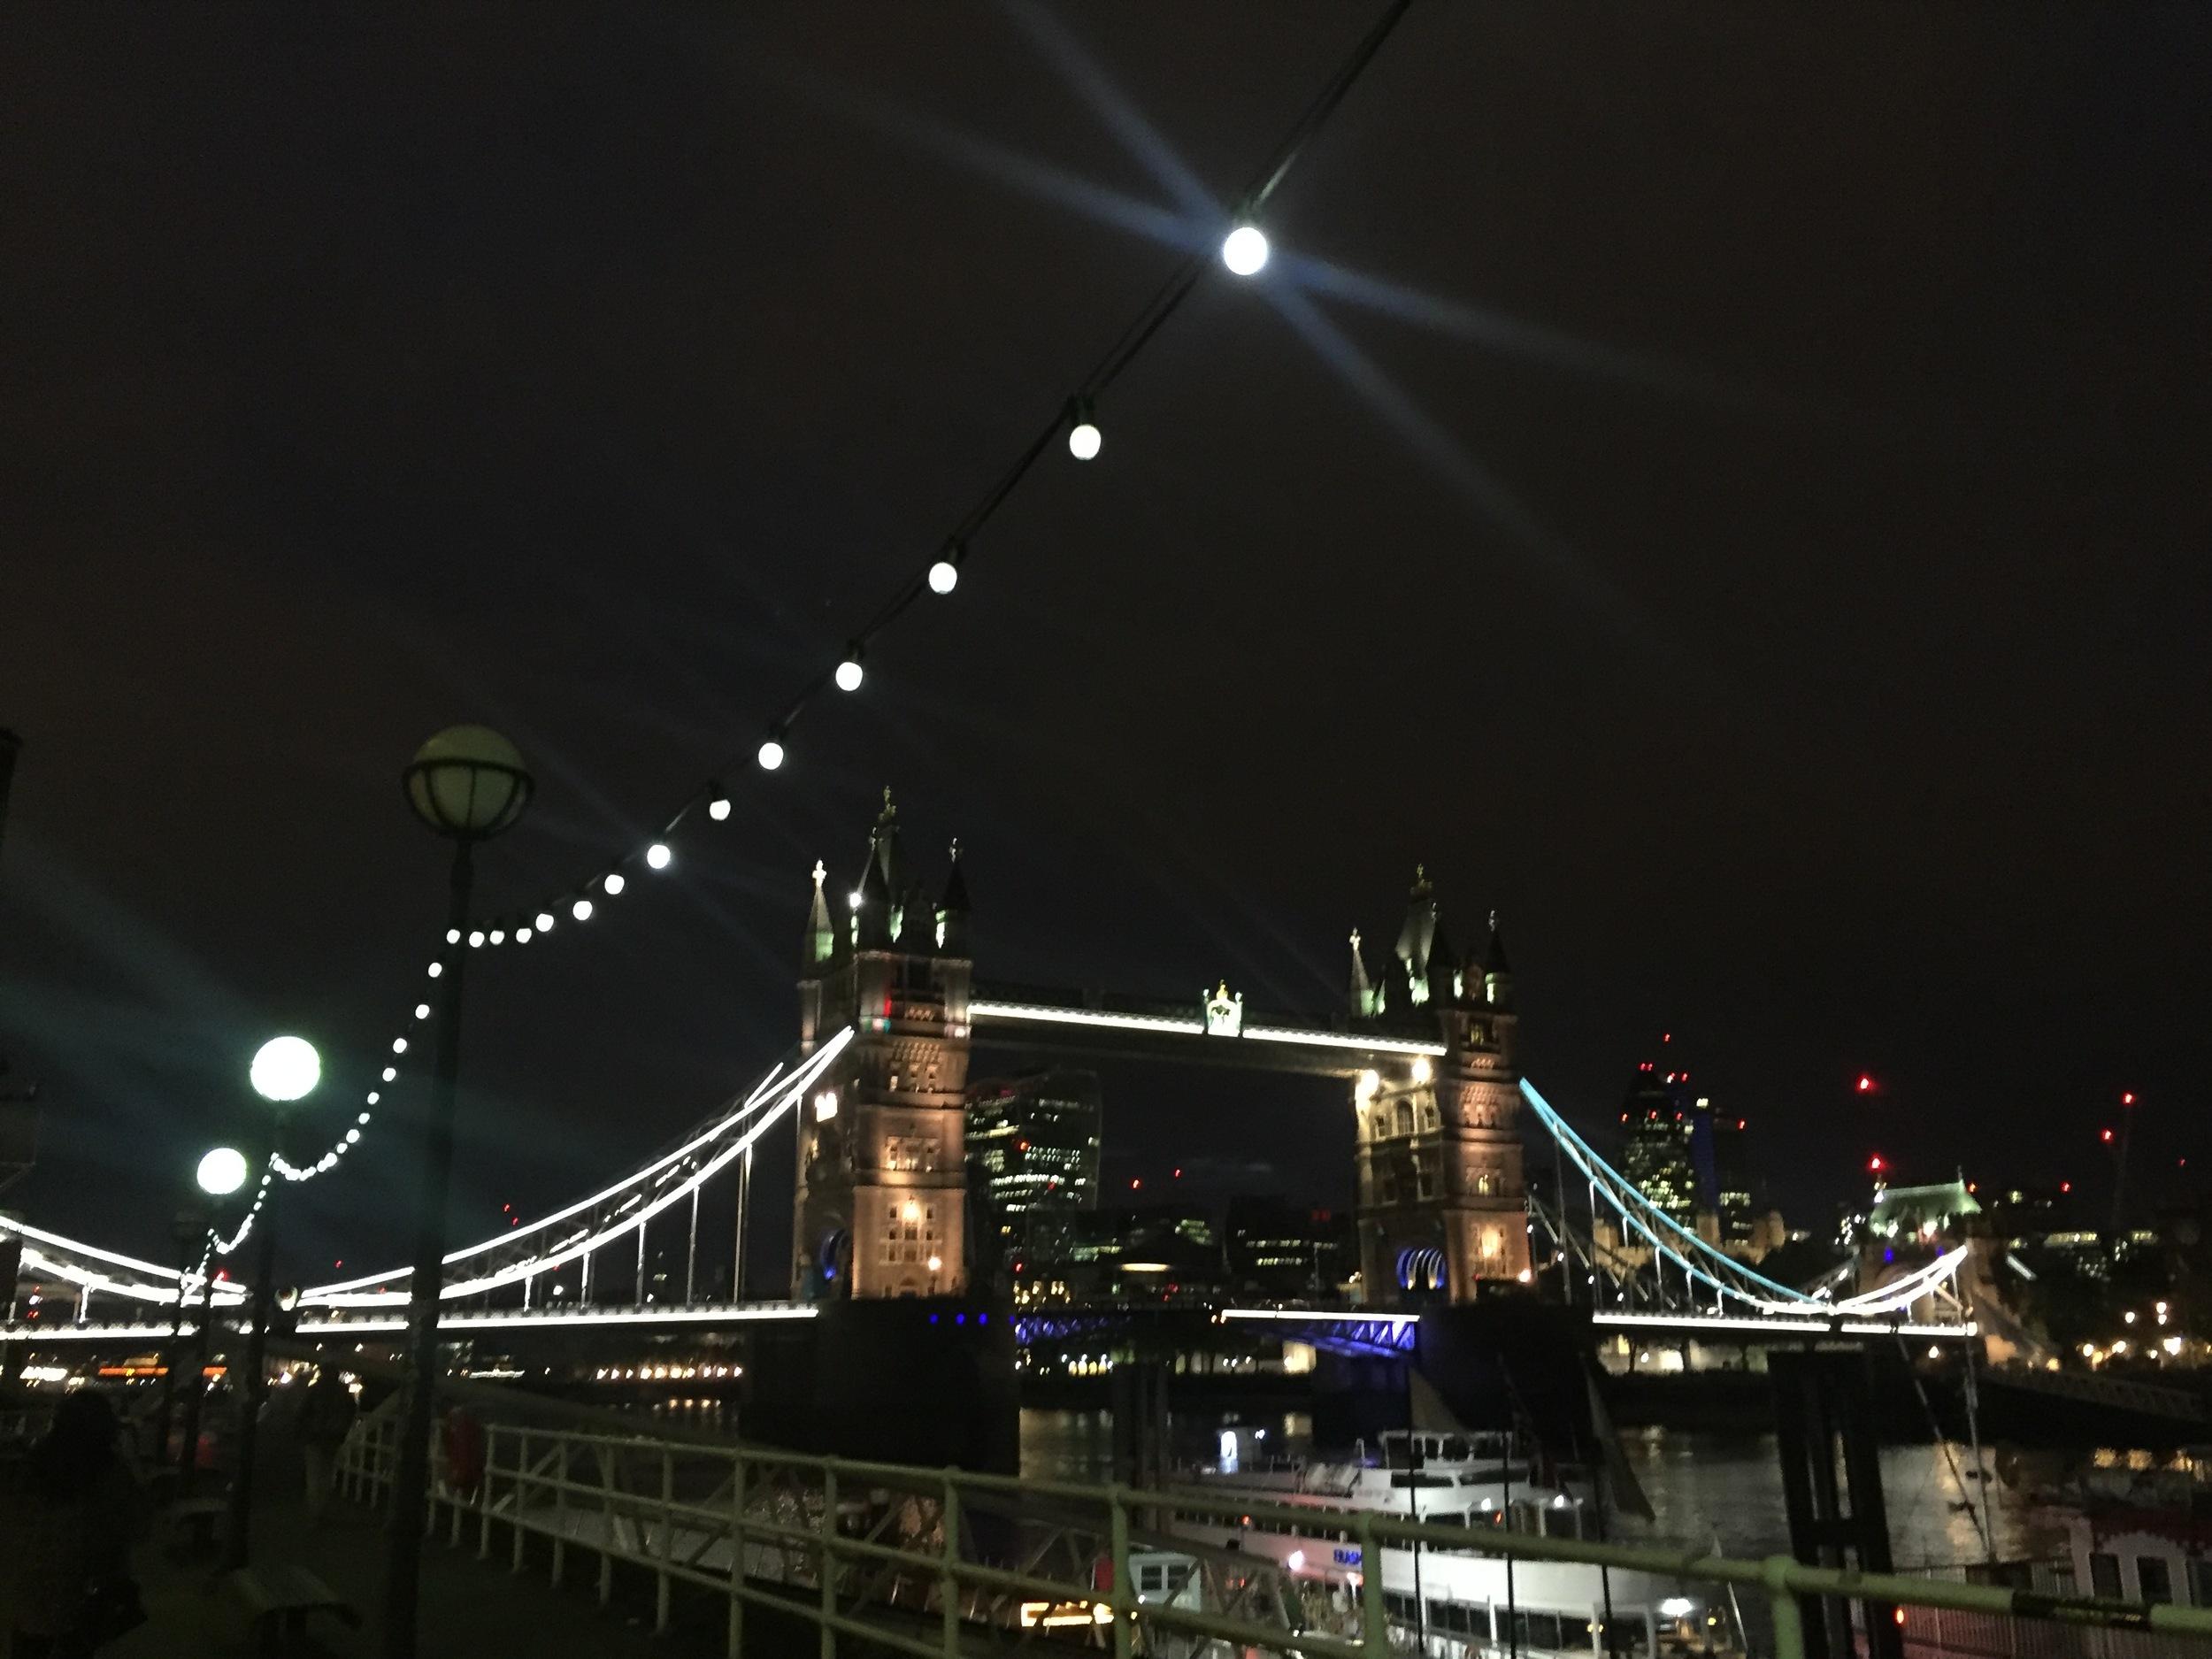 Queen's Way Area/Tower Bridge